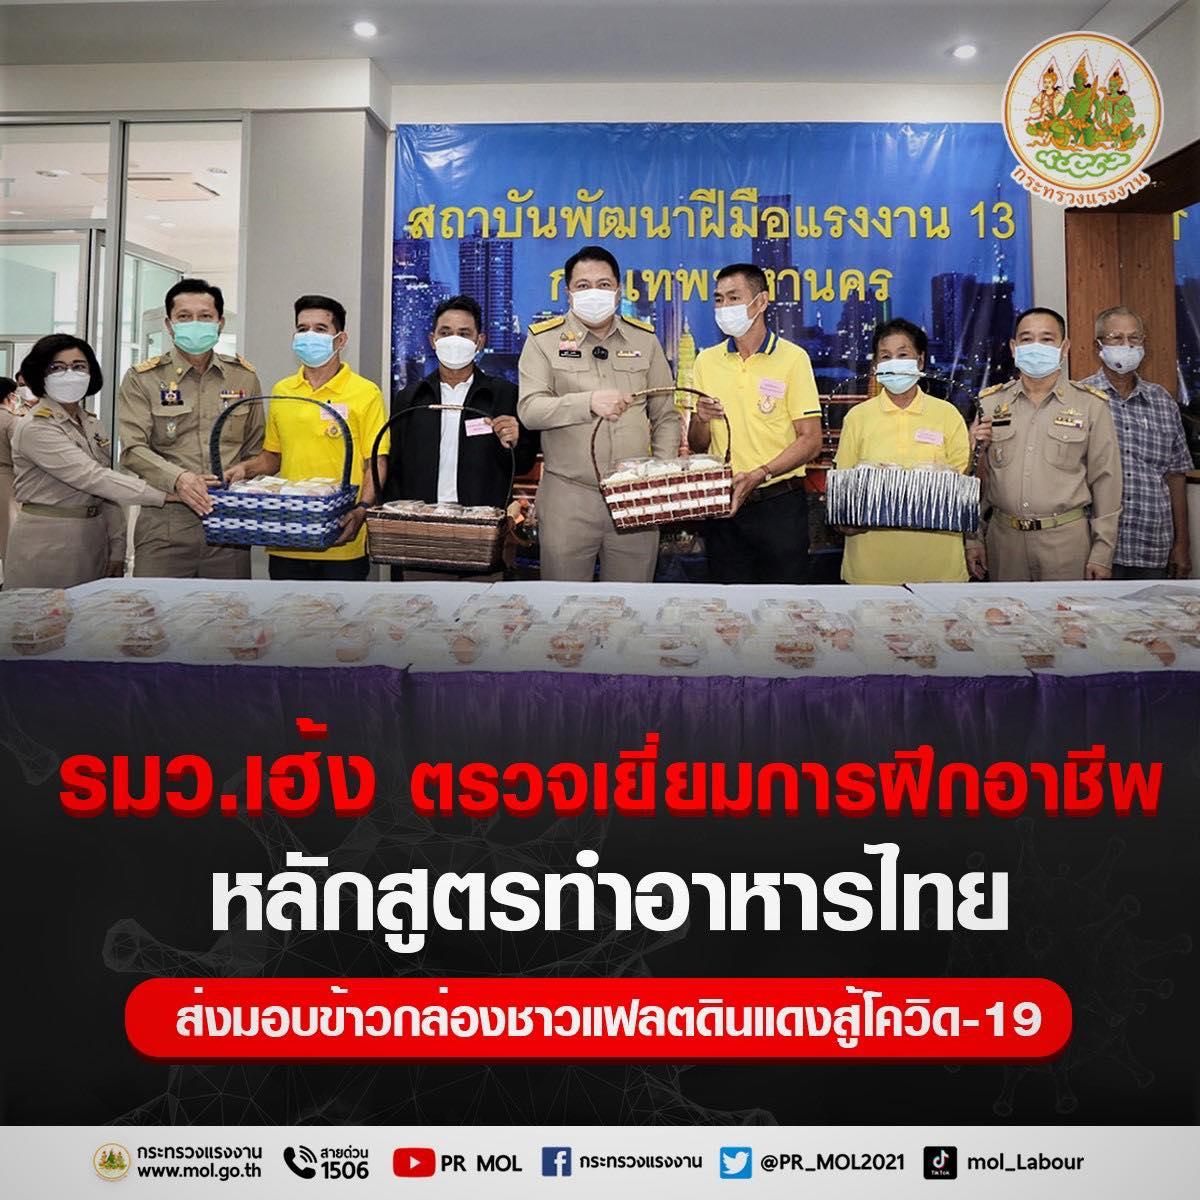 รมว.เฮ้ง ตรวจเยี่ยมการฝึกอาชีพหลักสูตรทำอาหารไทย ส่งมอบข้าวกล่องชาวแฟลตดินแดงสู้โควิด-19… อ่านต่อได้ที่ : https://bit.ly/3E9KEkT-1